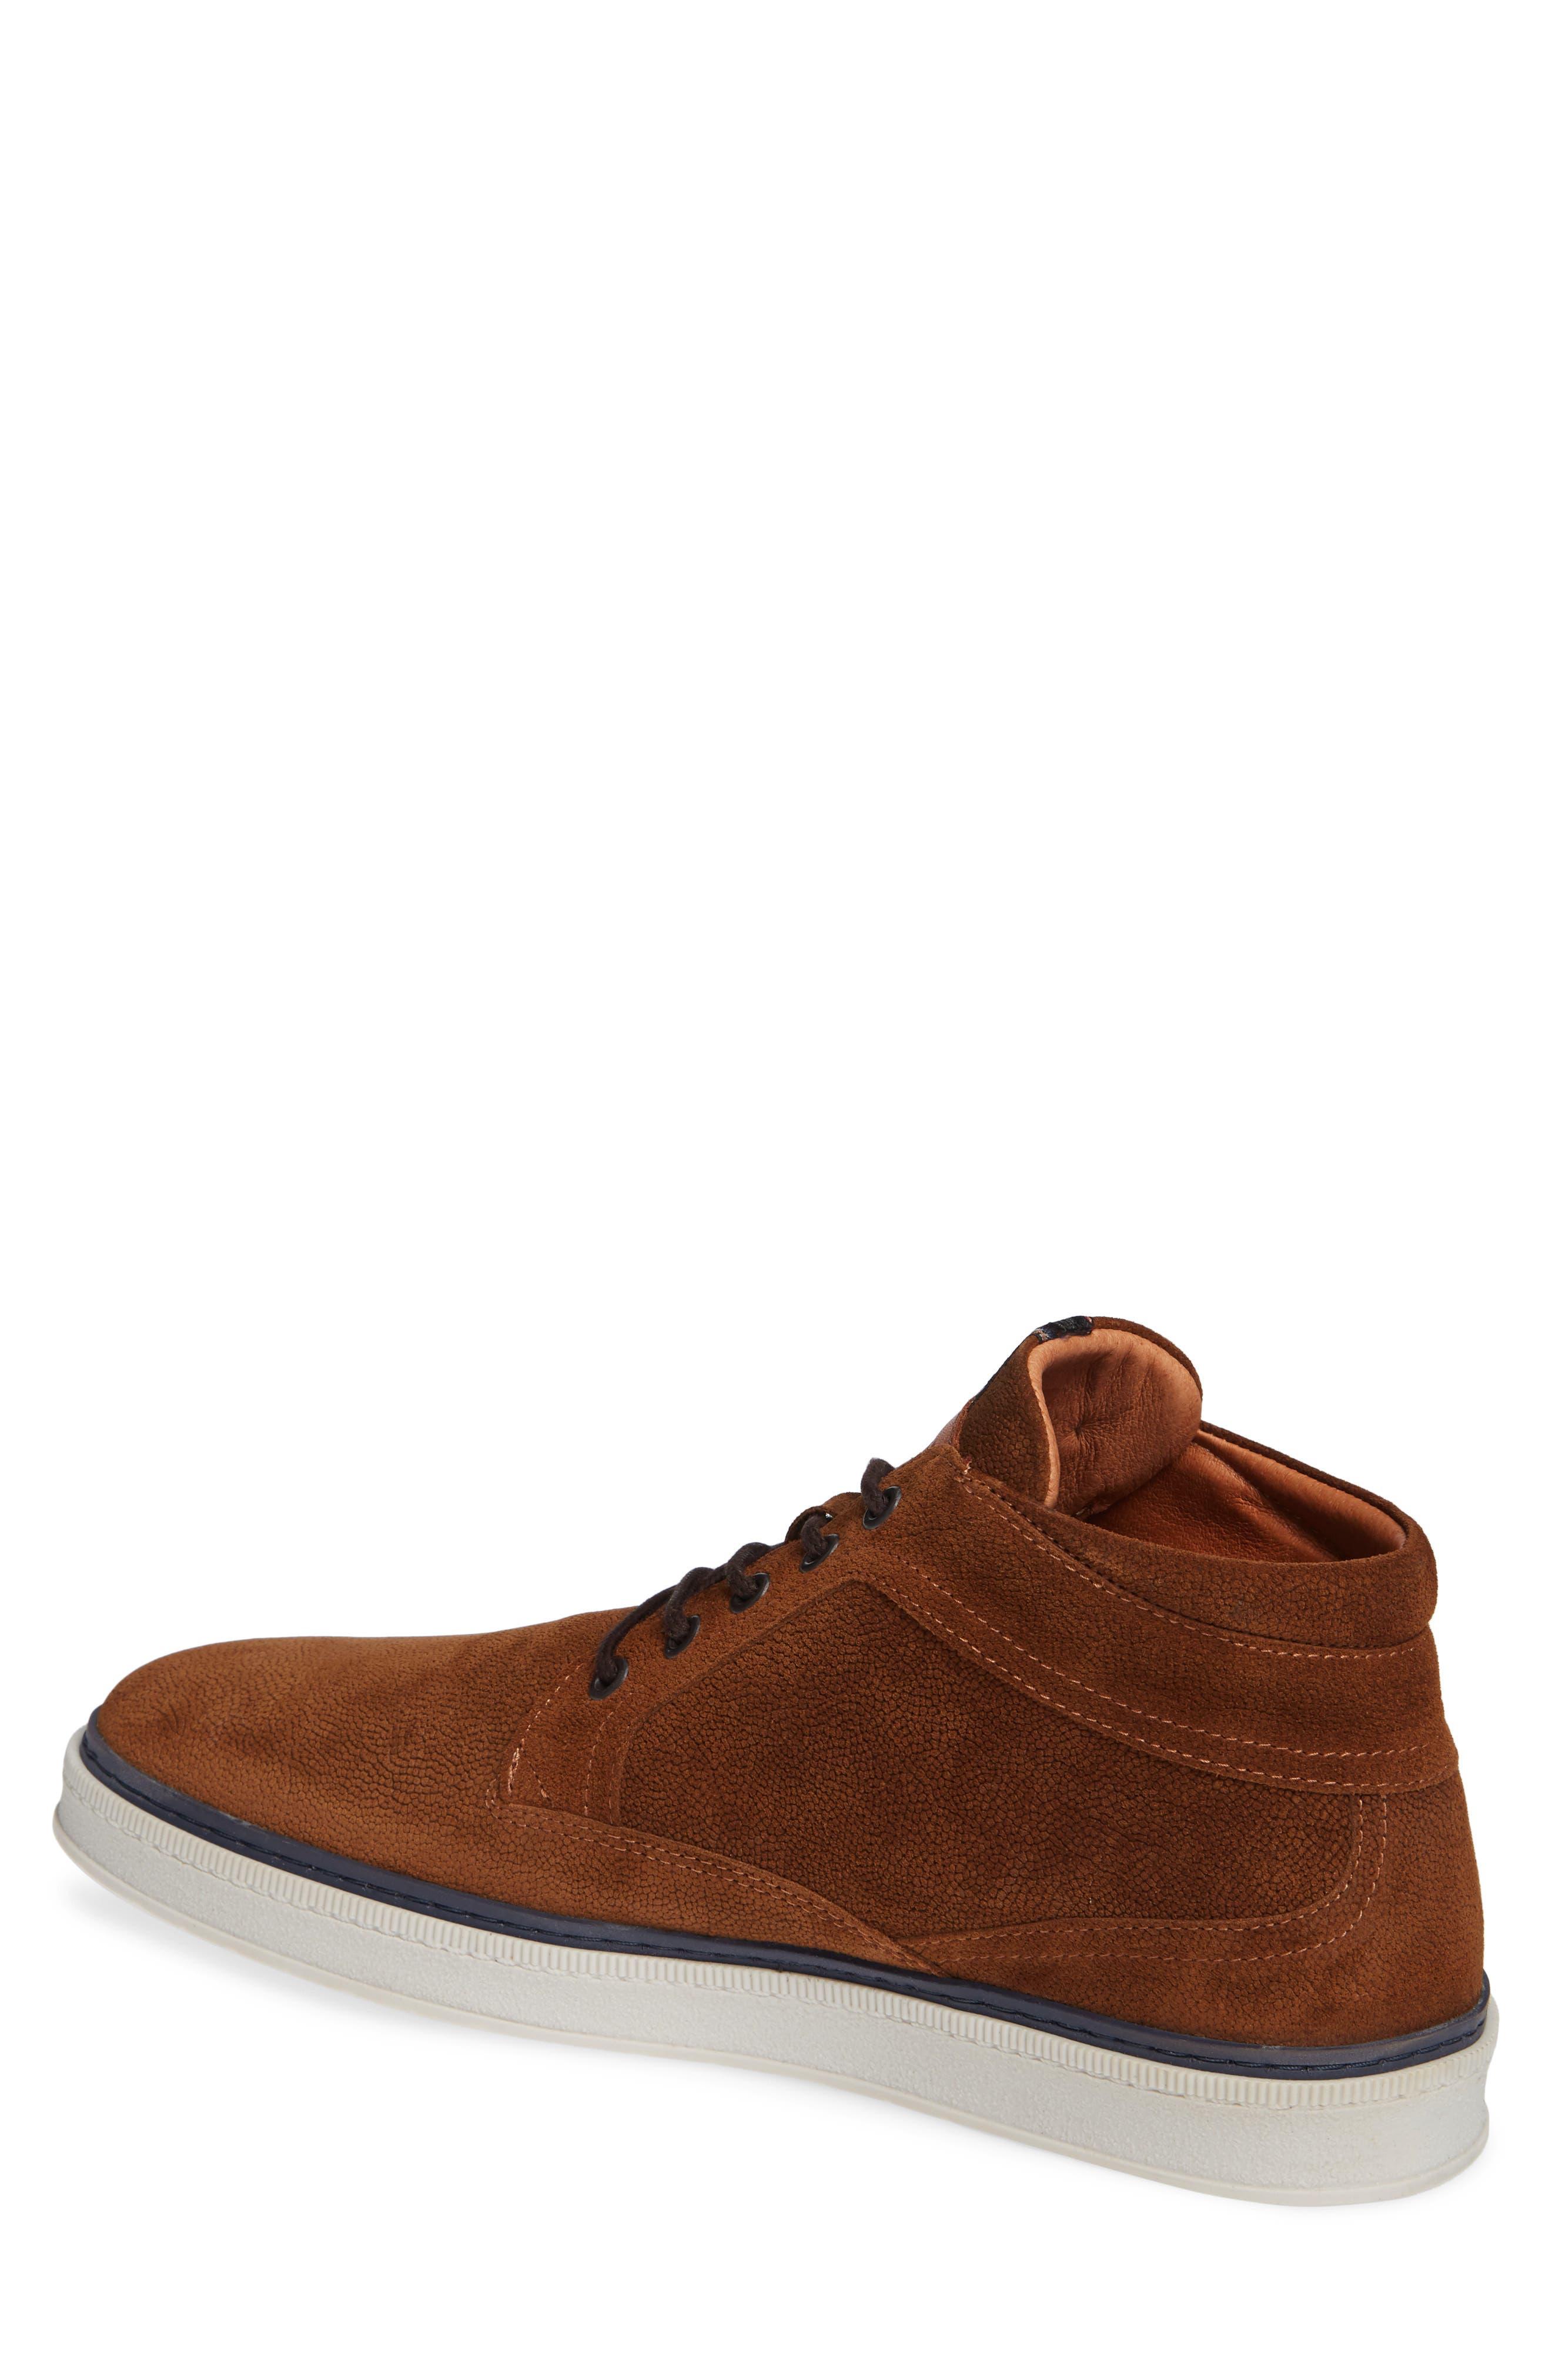 Bilbao Sneaker,                             Alternate thumbnail 2, color,                             COGNAC